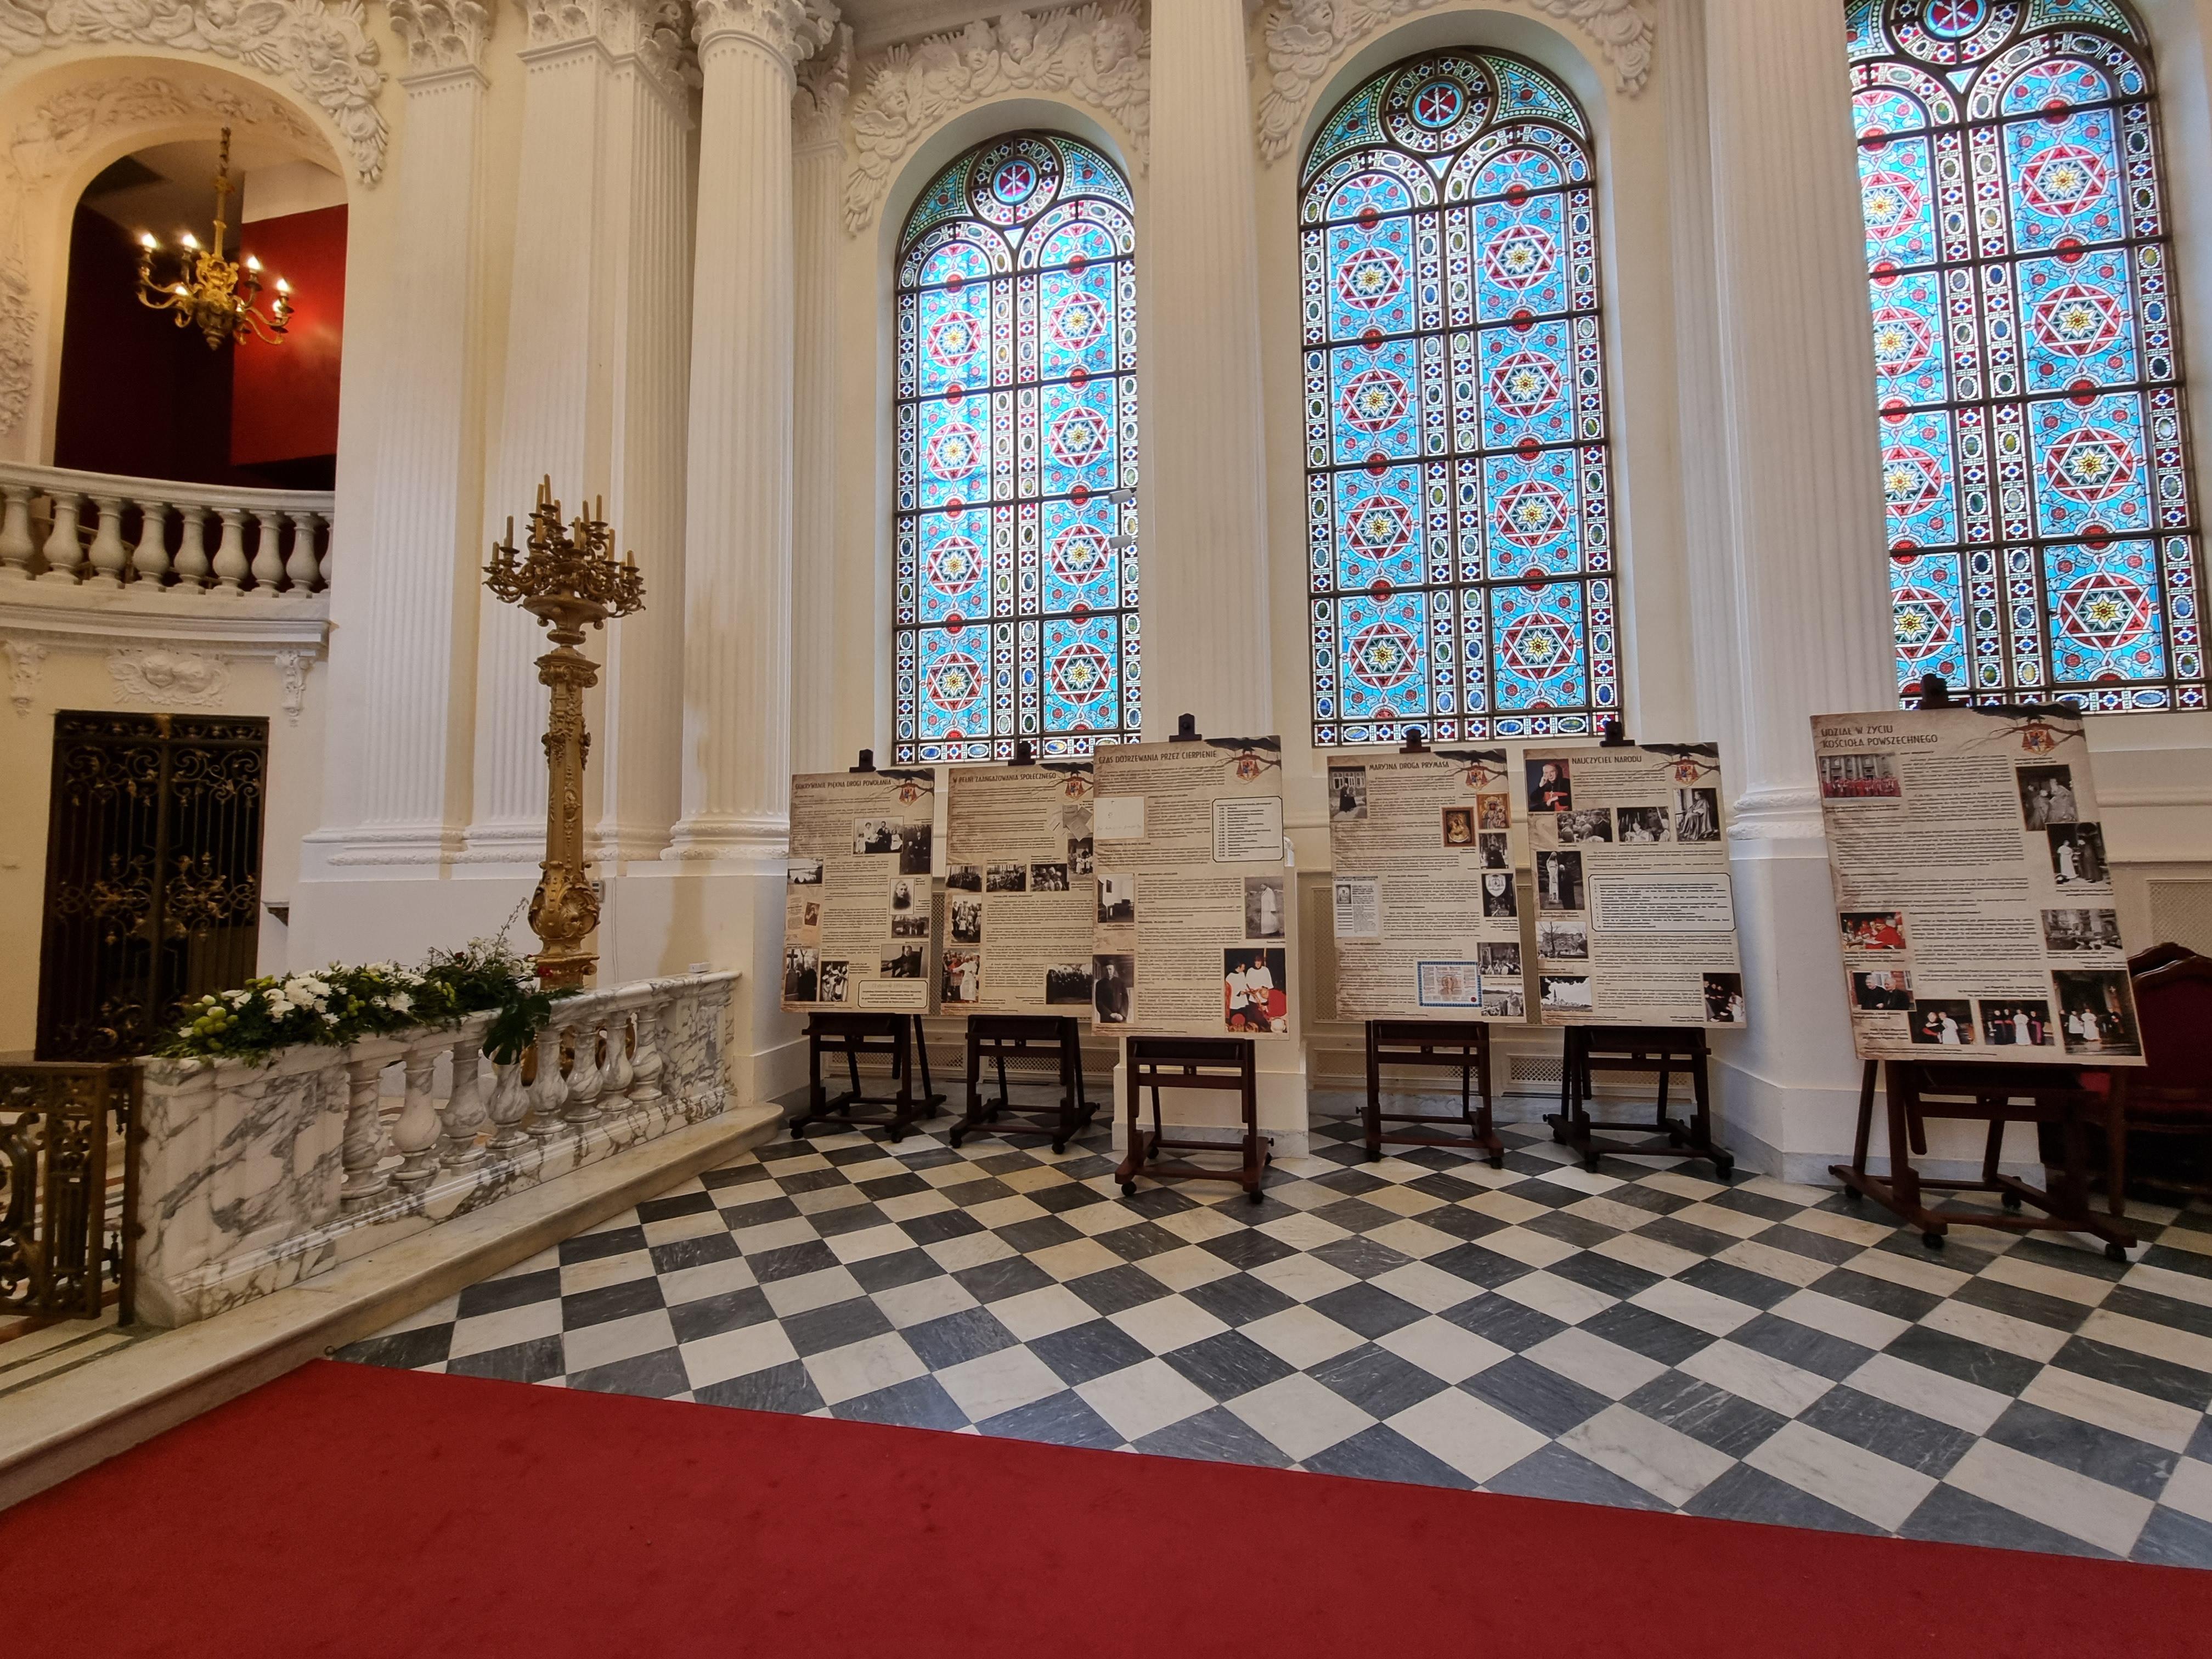 Wystawa w kaplicy pałacowej